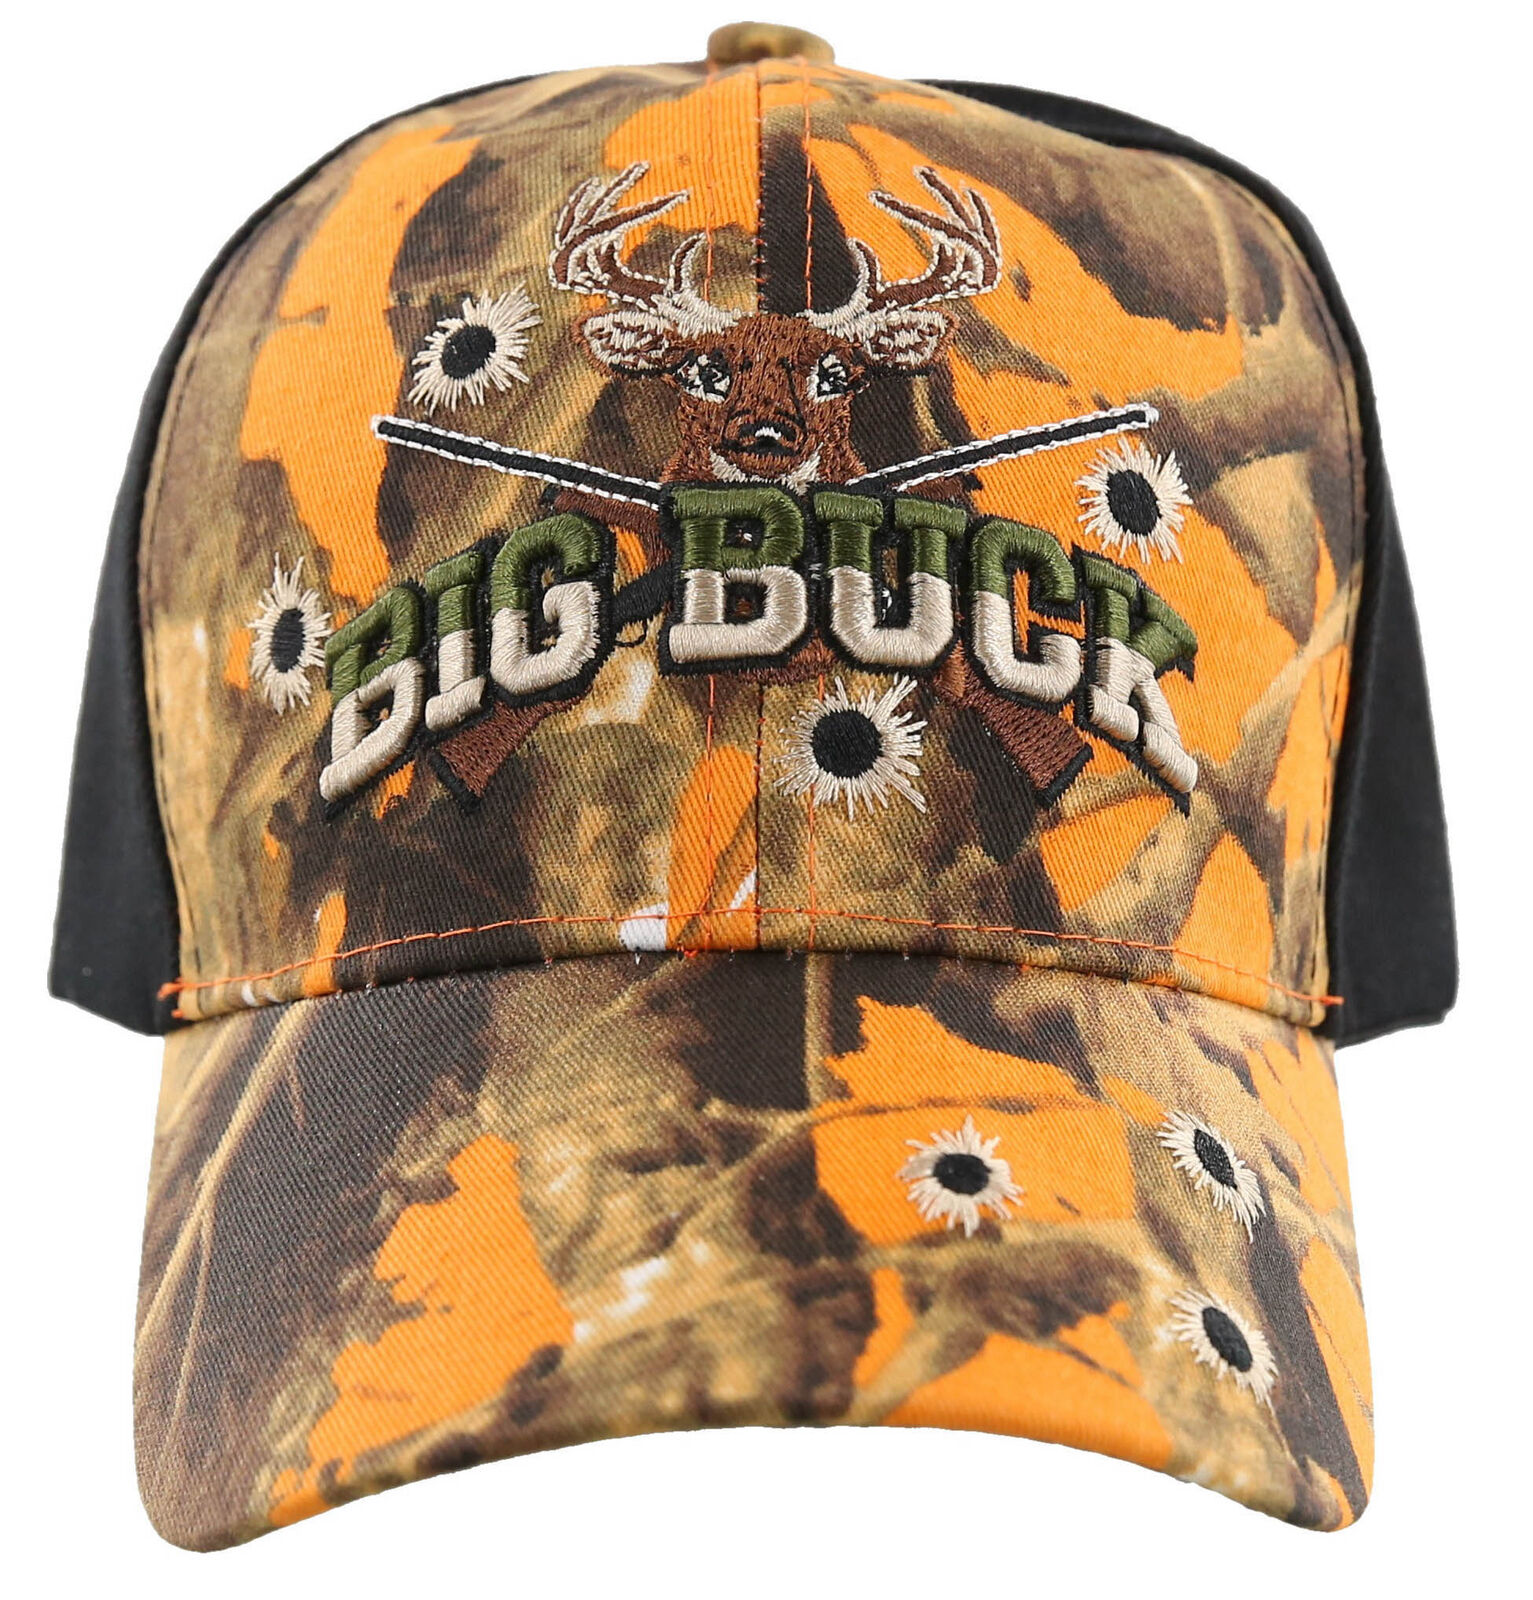 ! nuevo! gran Buck Hunter Caza Ciervo Buck Deportes al Aire Libre Gorra Sombrero Camuflaje Negro Naranja